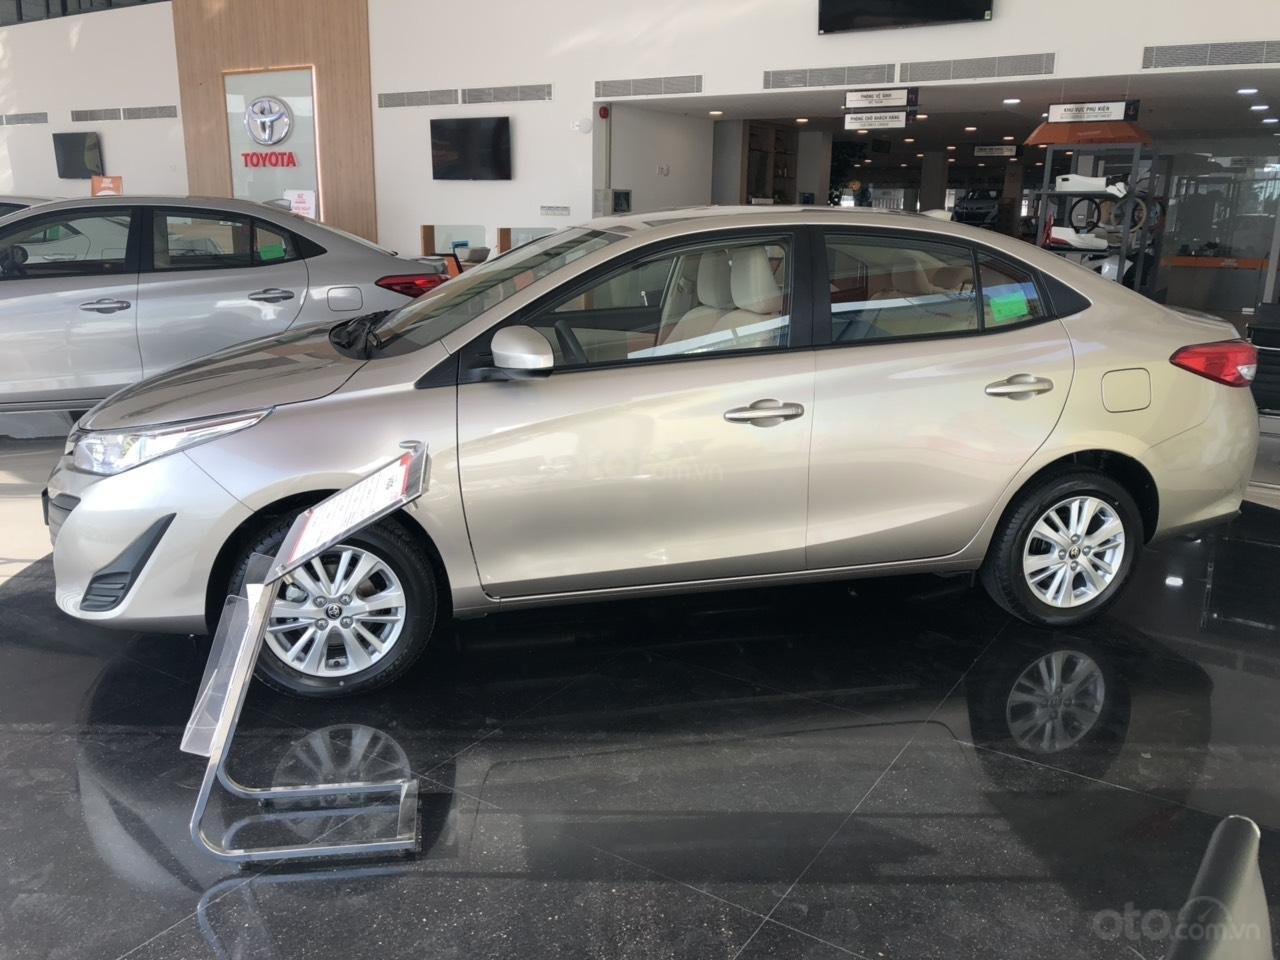 Toyota Vios 1.5E số sàn, màu nâu vàng, hỗ trợ vay 90%, đăng ký grab, thanh toán 130tr nhận xe - Toyota An Thành-4